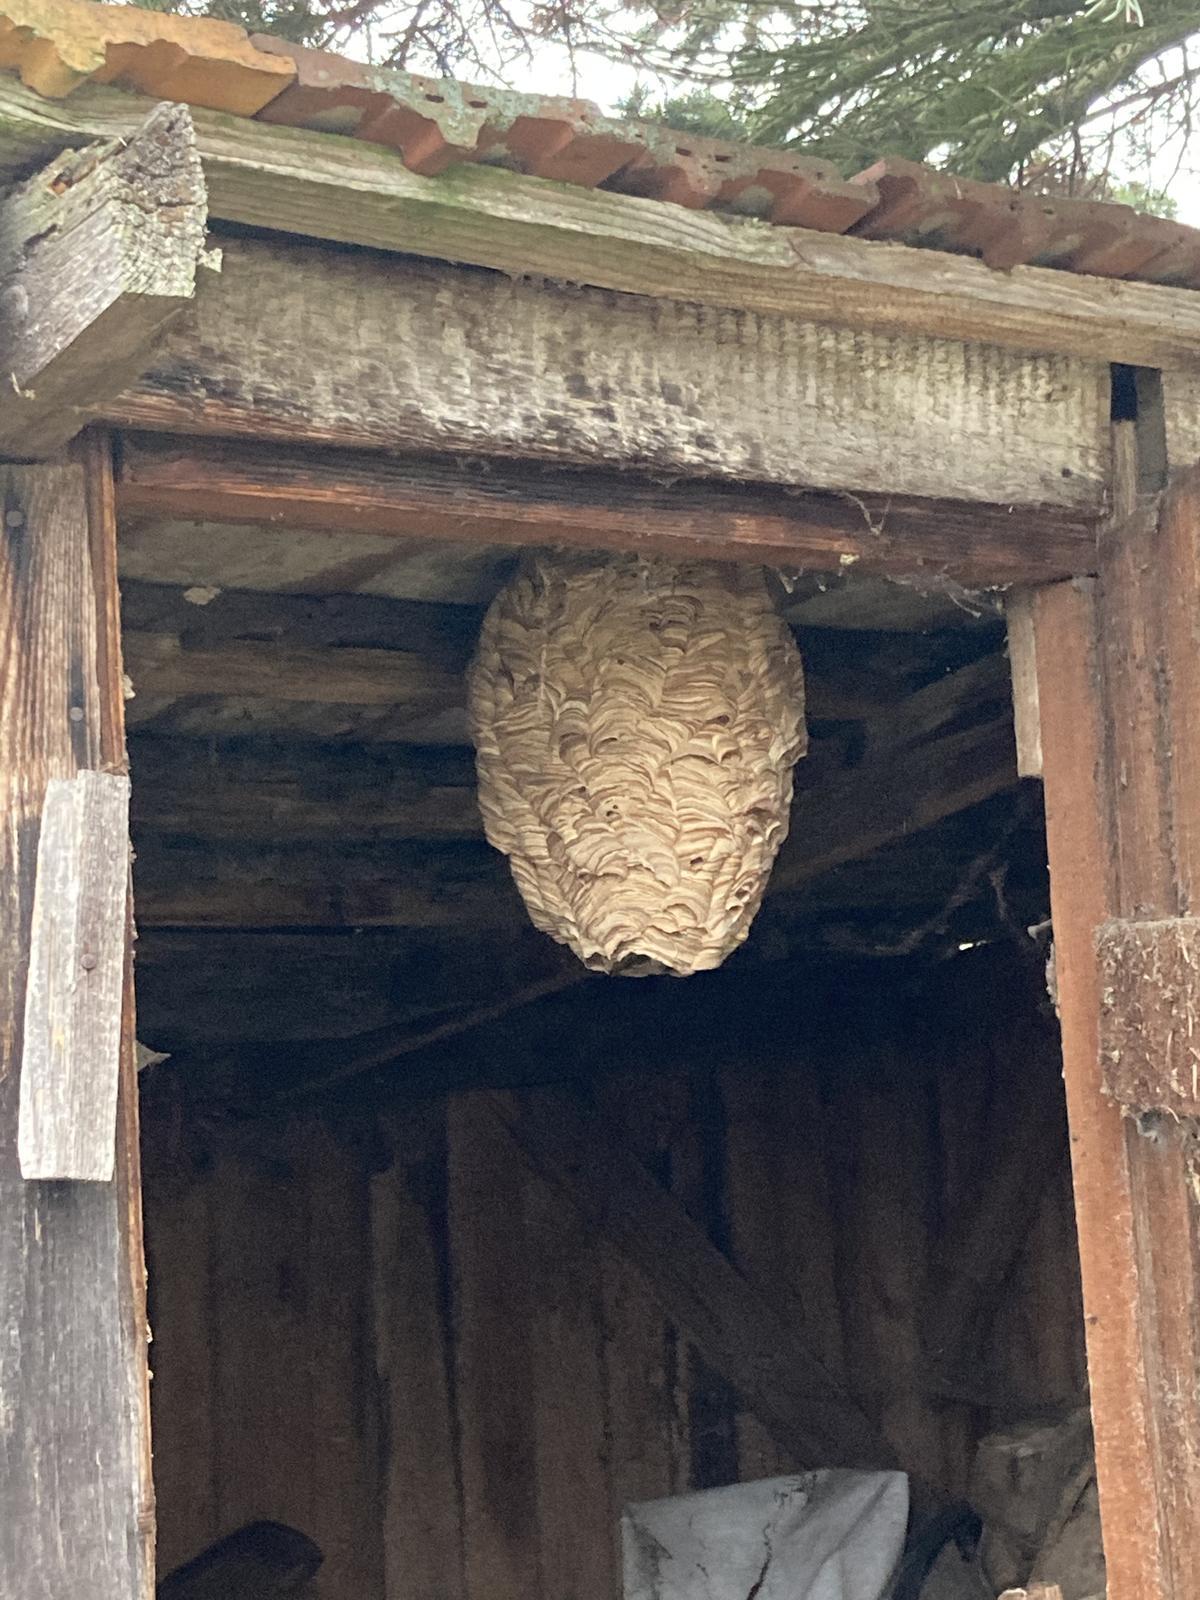 Dom - aha aké krásne hniezdo som našla 😱